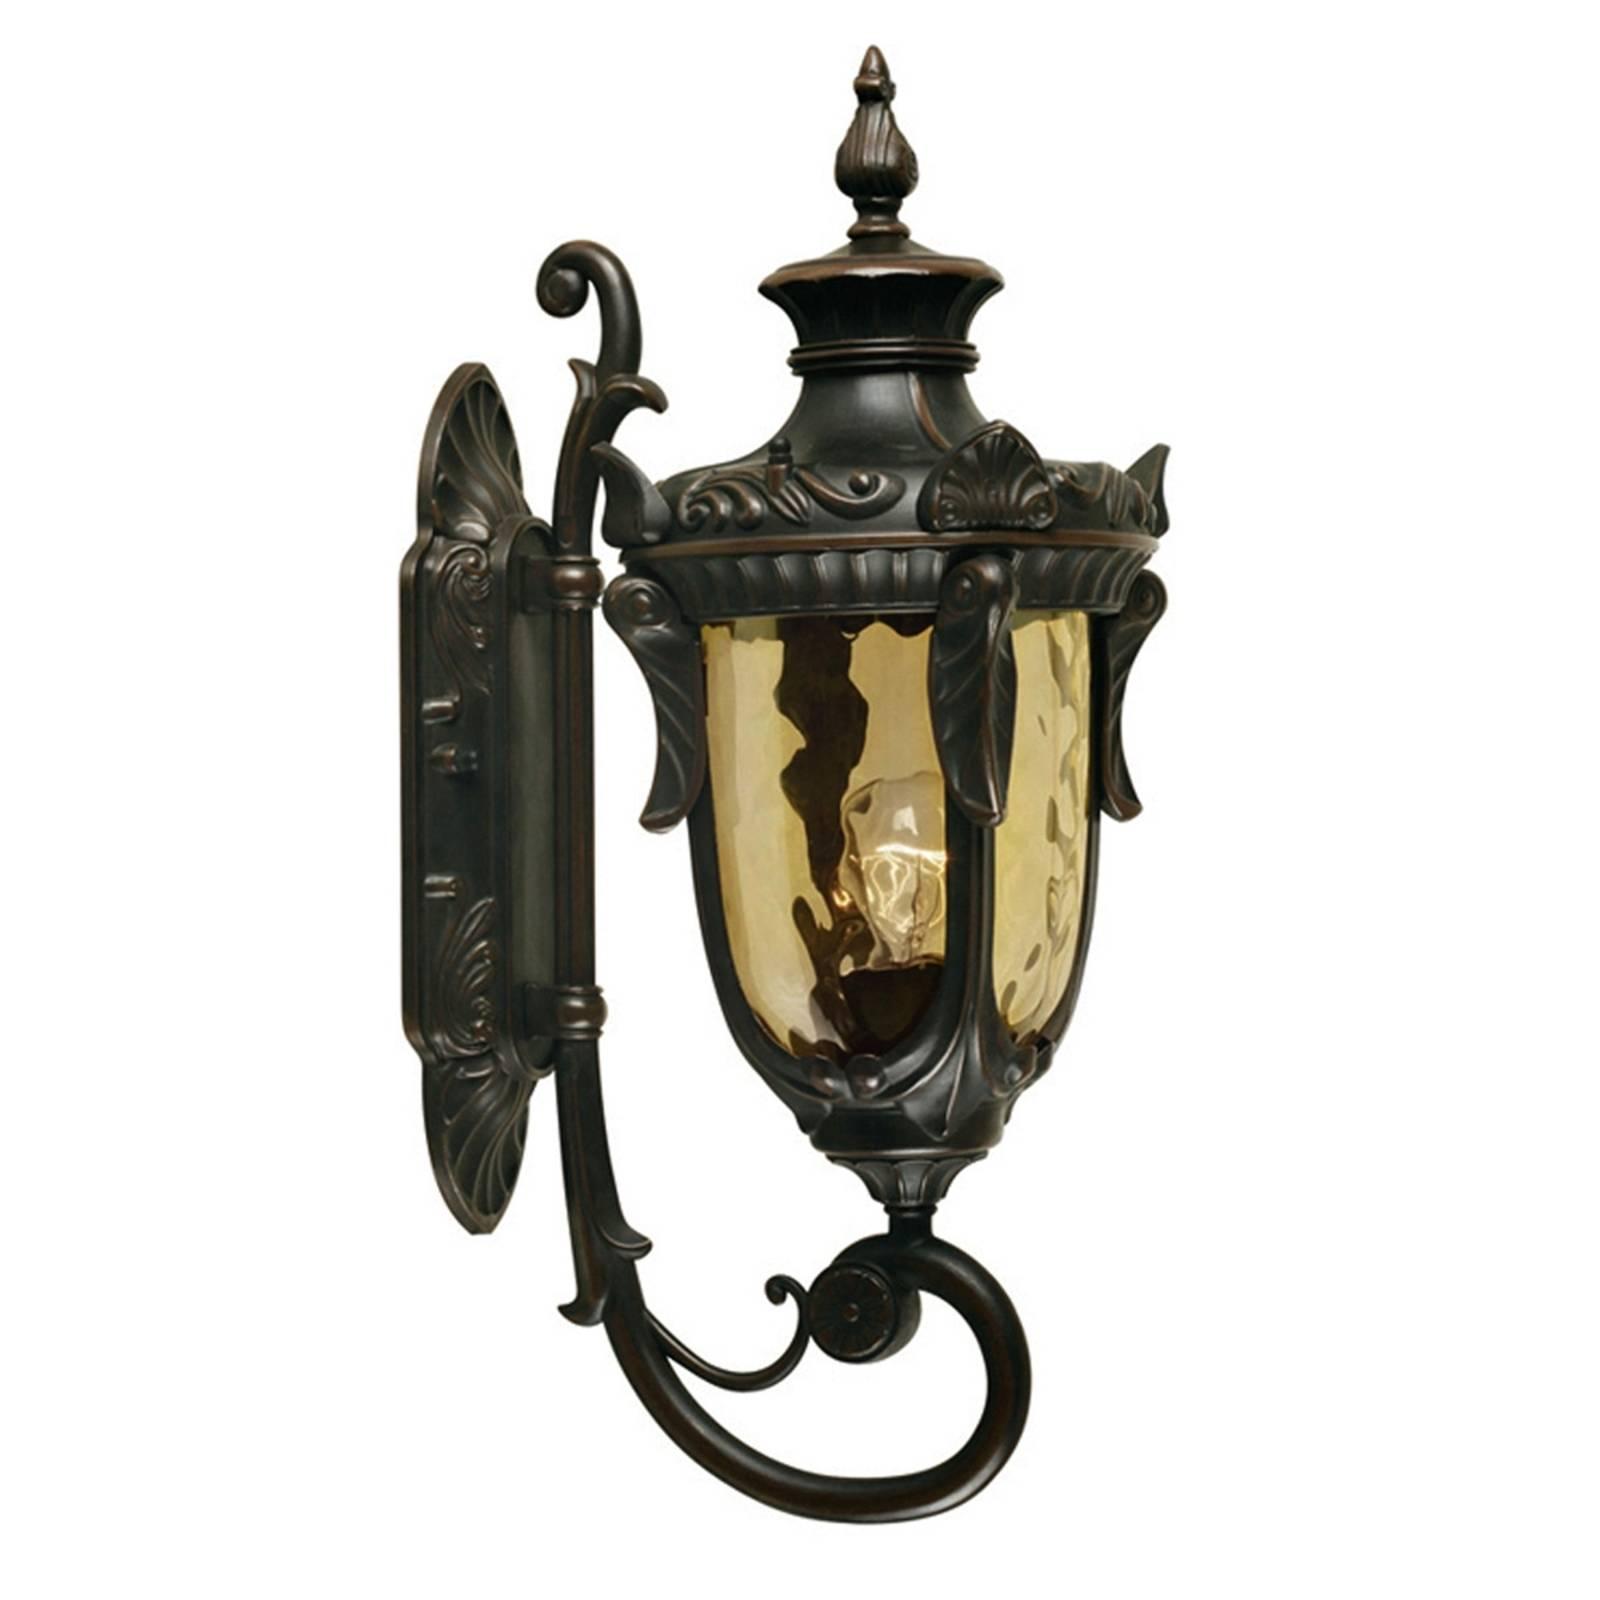 Historische buitenwandlamp PHILADELPHIA, 52,5 cm